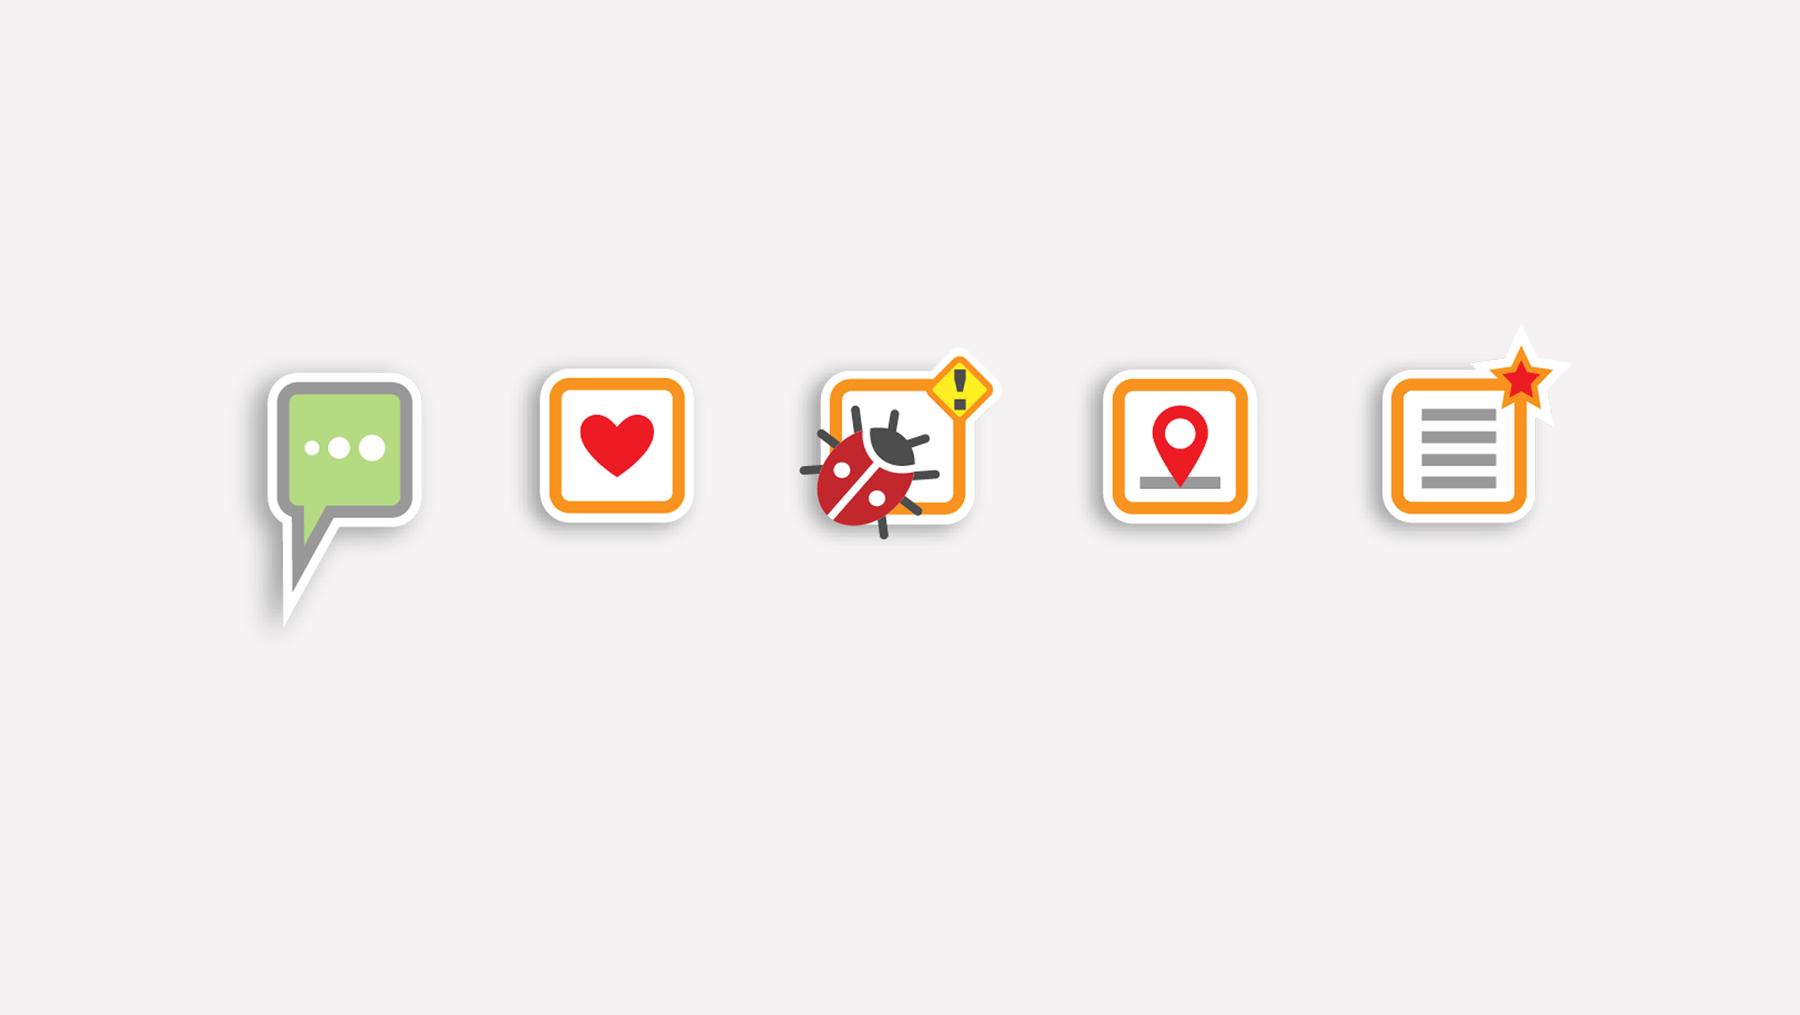 Piktogramme - Spielplatz App Schaltflächen